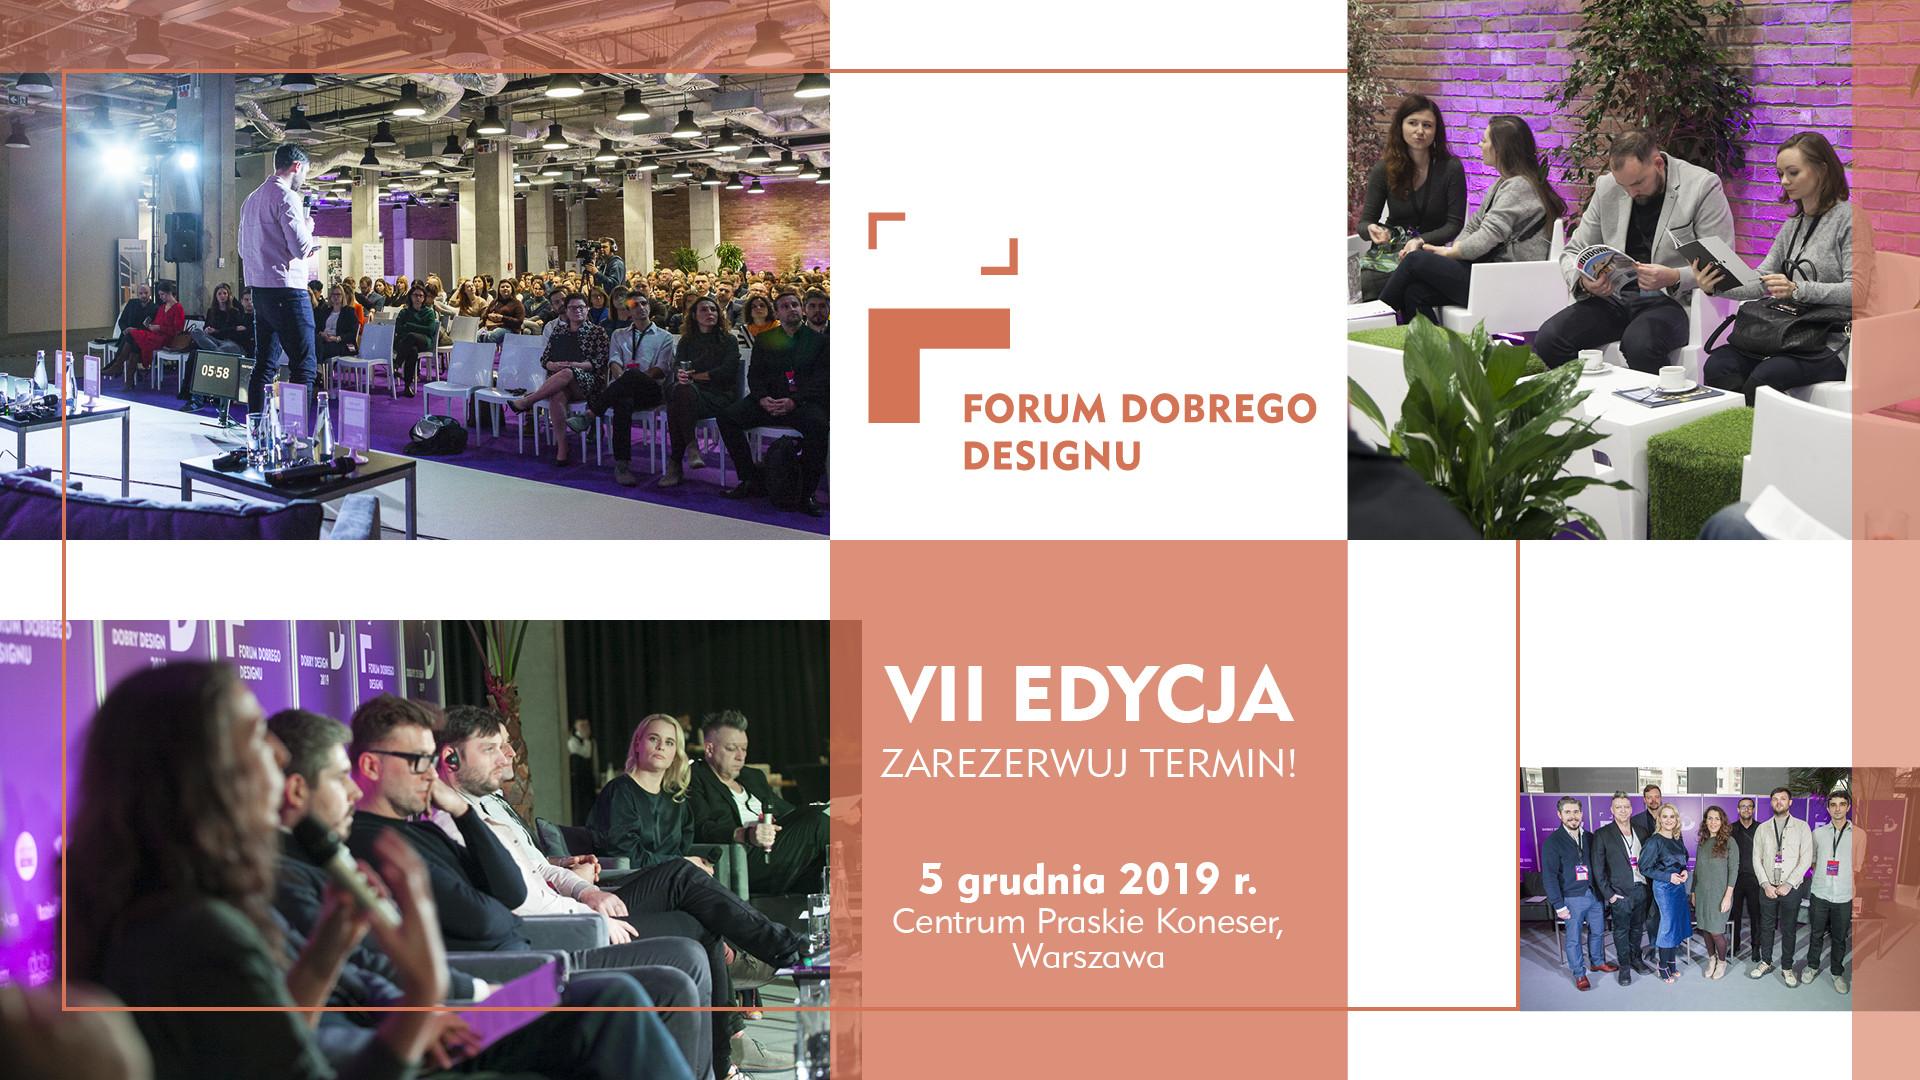 Forum Dobrego Designu - już 5 grudnia w Warszawie